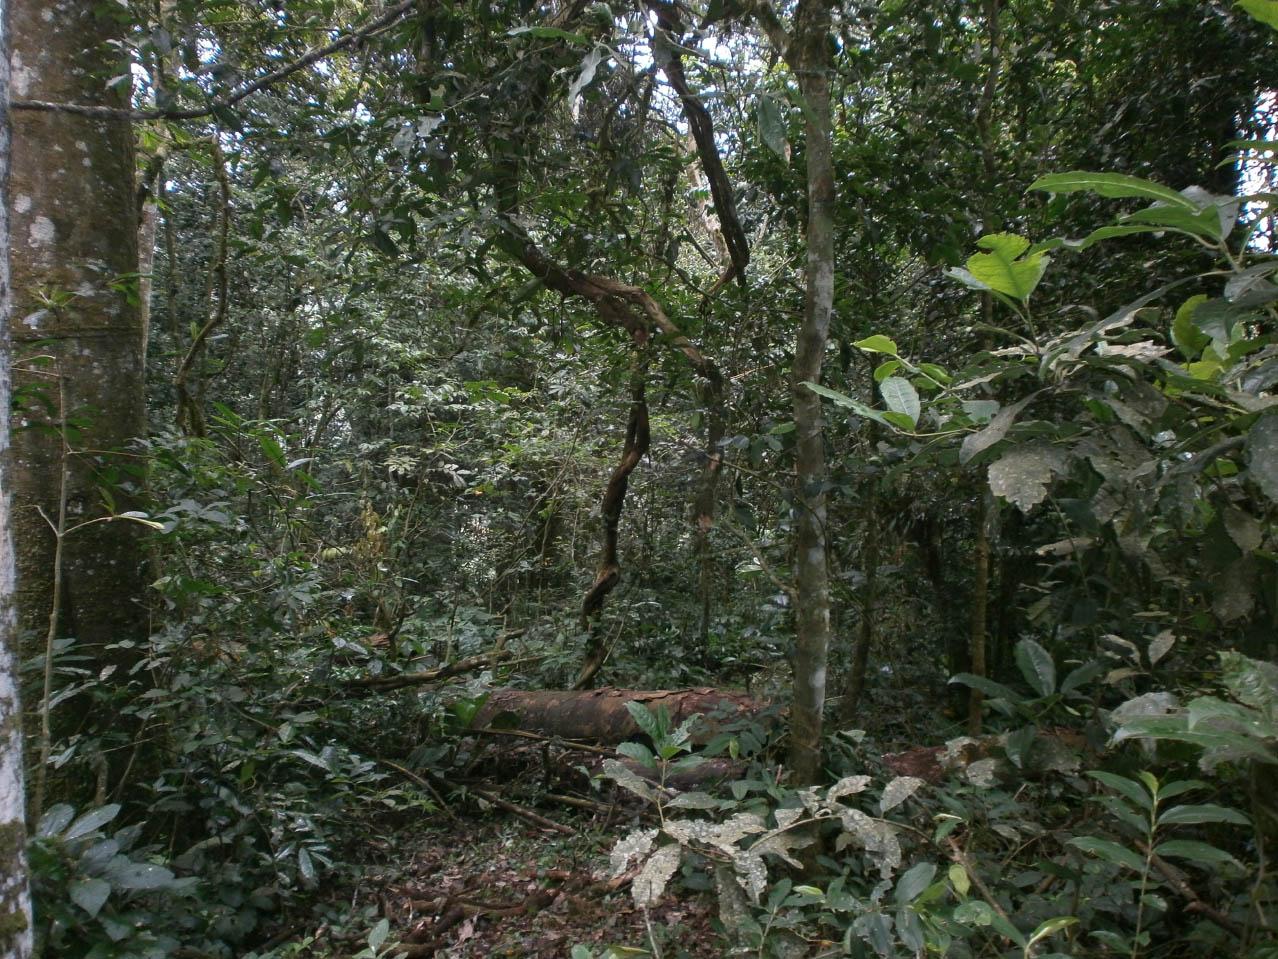 Il Kibale Forest National Park con un estensione totale di 766 Km2 è costituito soprattutto dalla foresta tropicale umida ma comprende anche altri tipi di habitat come praterie e zone umide. Le specie arboree maggiormente rappresentate sono: Picea excelsa e i generi Aningeria, Newtonia, Olea (Foto: I.Toni).